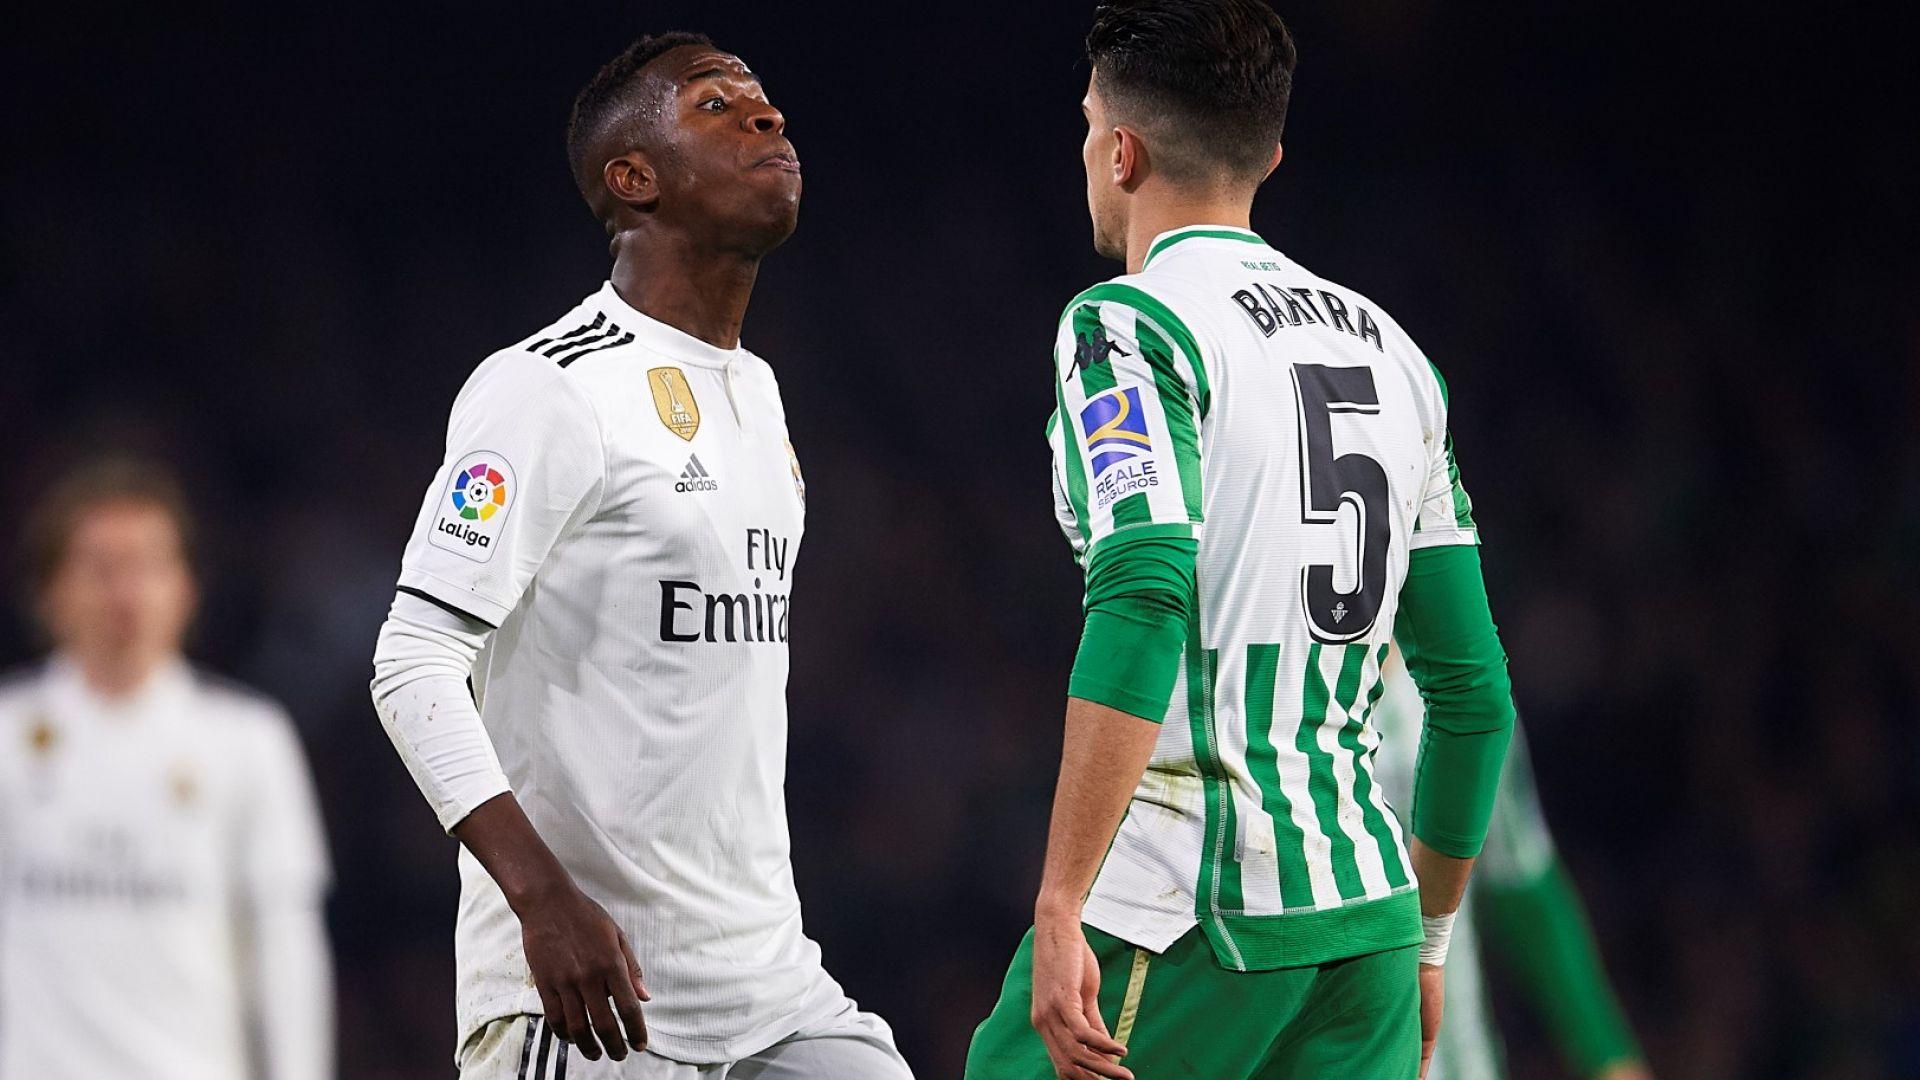 Реал се измъкна като по чудо с гол в края